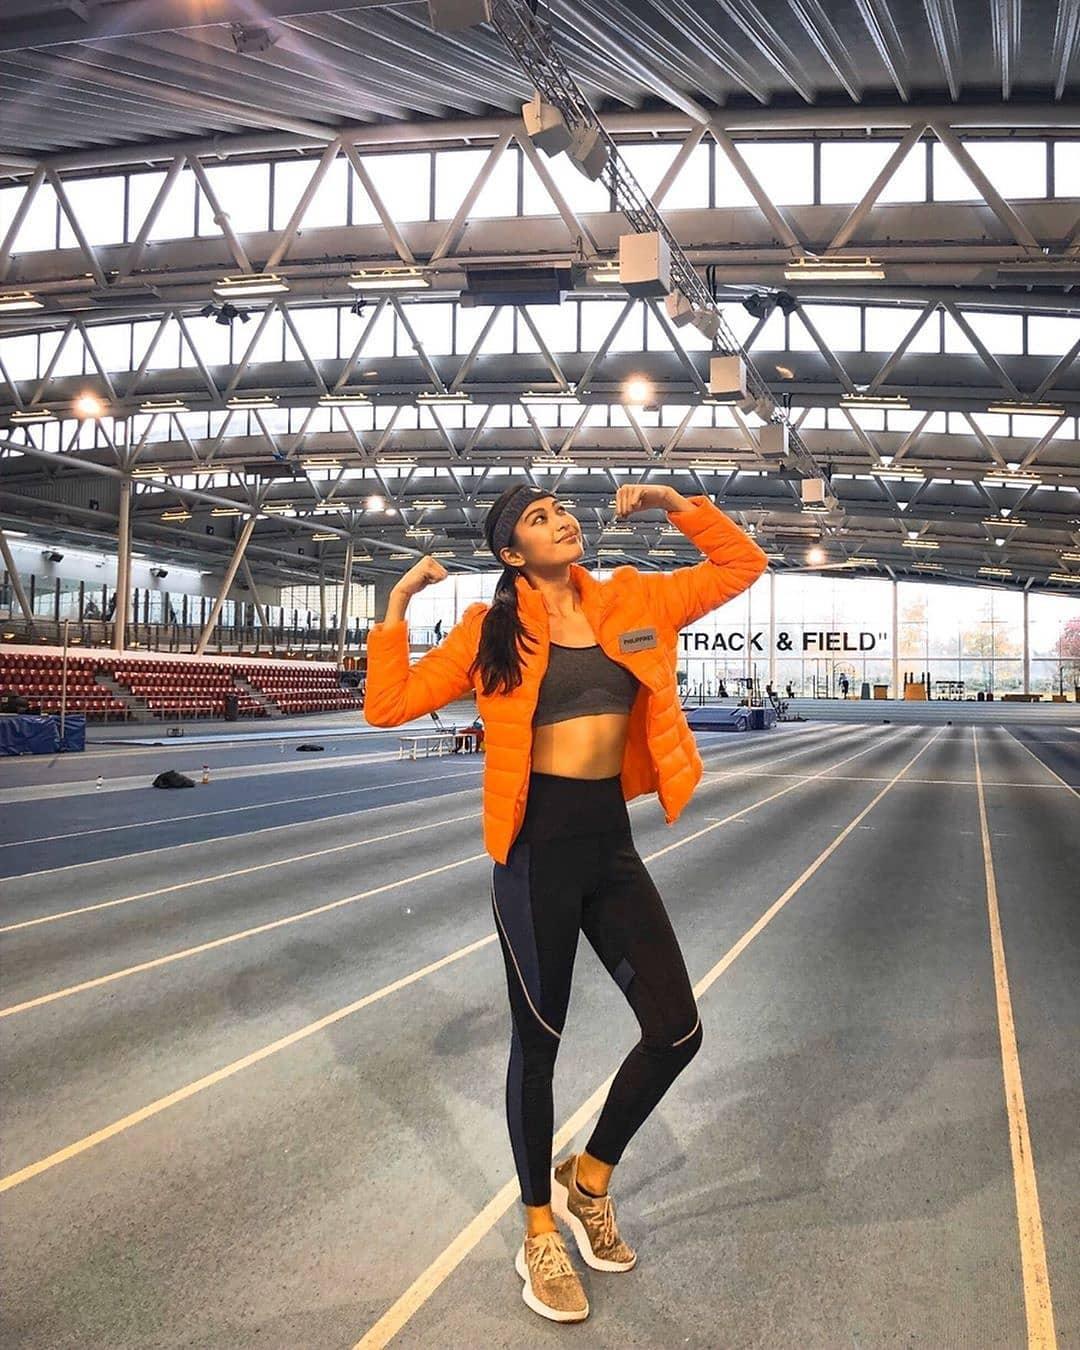 fast track miss sport de miss  world 2019. - Página 2 IuLSGu